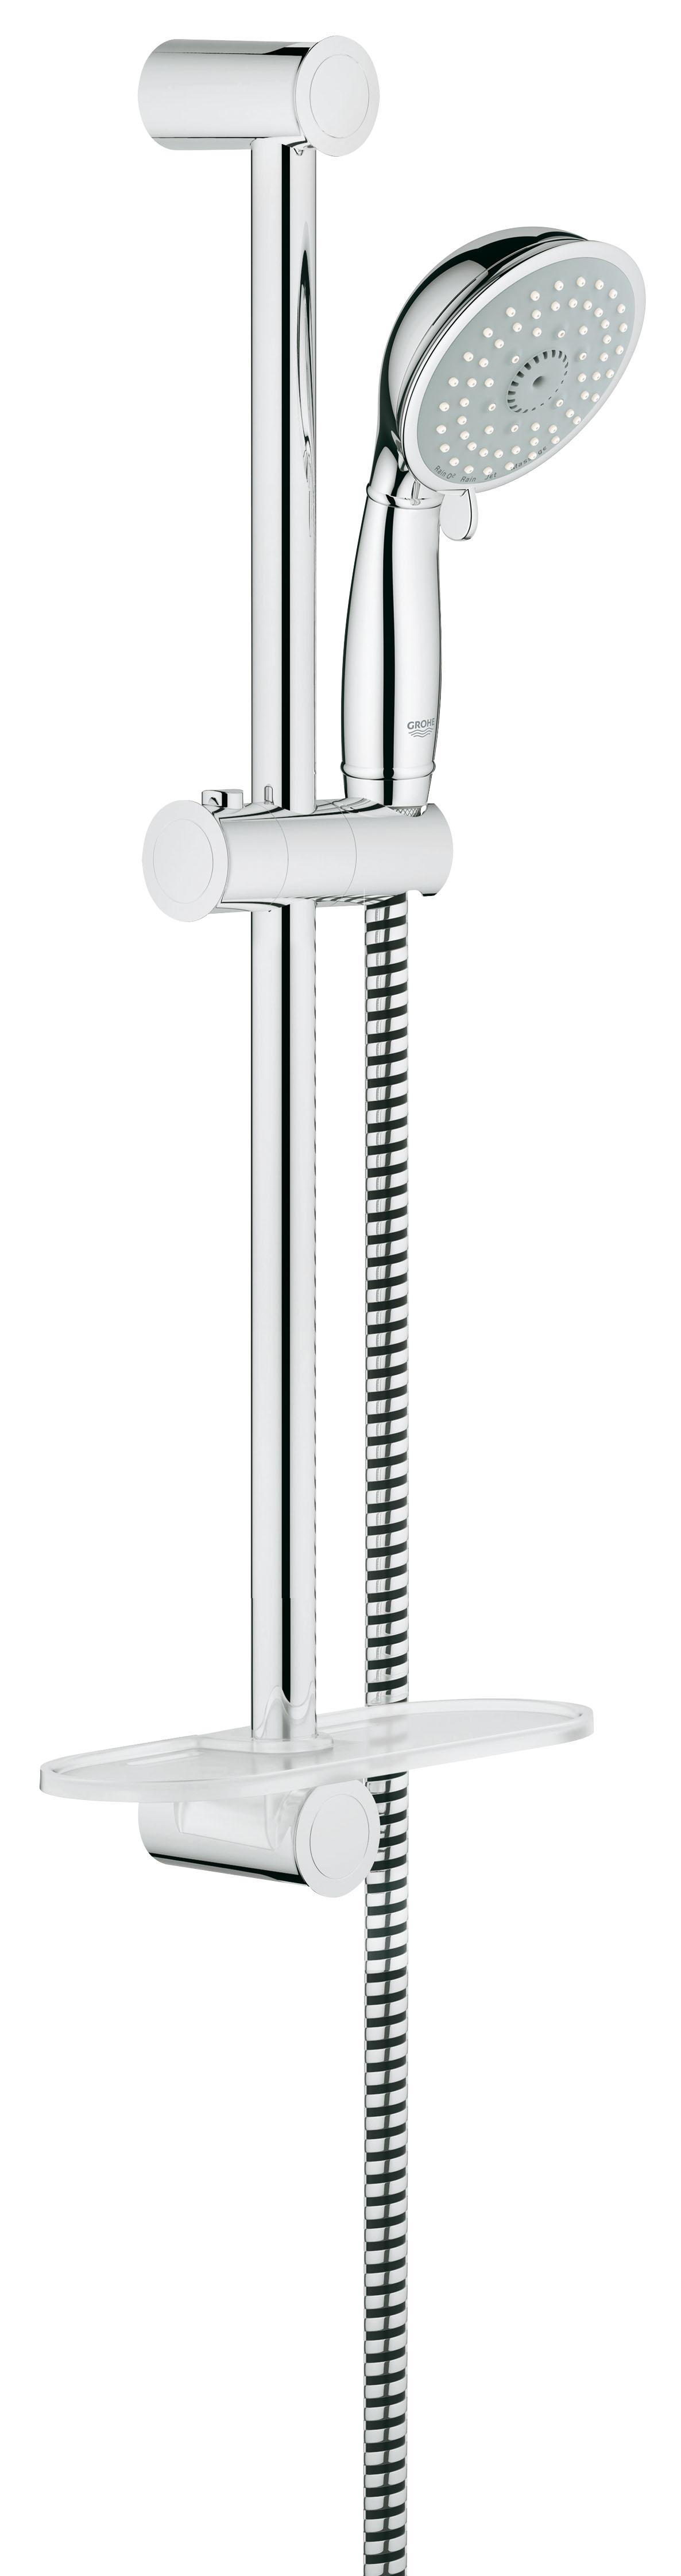 Душевой комплект GROHE New Tempesta, штанга 600 мм. (27609000)34195001Душевой комплект GROHE New Tempesta включает в себя: ручной душ, душевую штангу 600 мм, душевой шланг 1750 мм, и полочку GROHE EasyReach. Технология SpeedClean предотвращает известковые отложения, а внутренний охлаждающий канал значительно продлевает срок службы. Система Twistfree препятствует перекручиванию шланга. Технология Grohe EcoJoy позволяет уменьшать расход воды до 9,5 л/мин. Данная модель подходит для проточных водонагревателей.